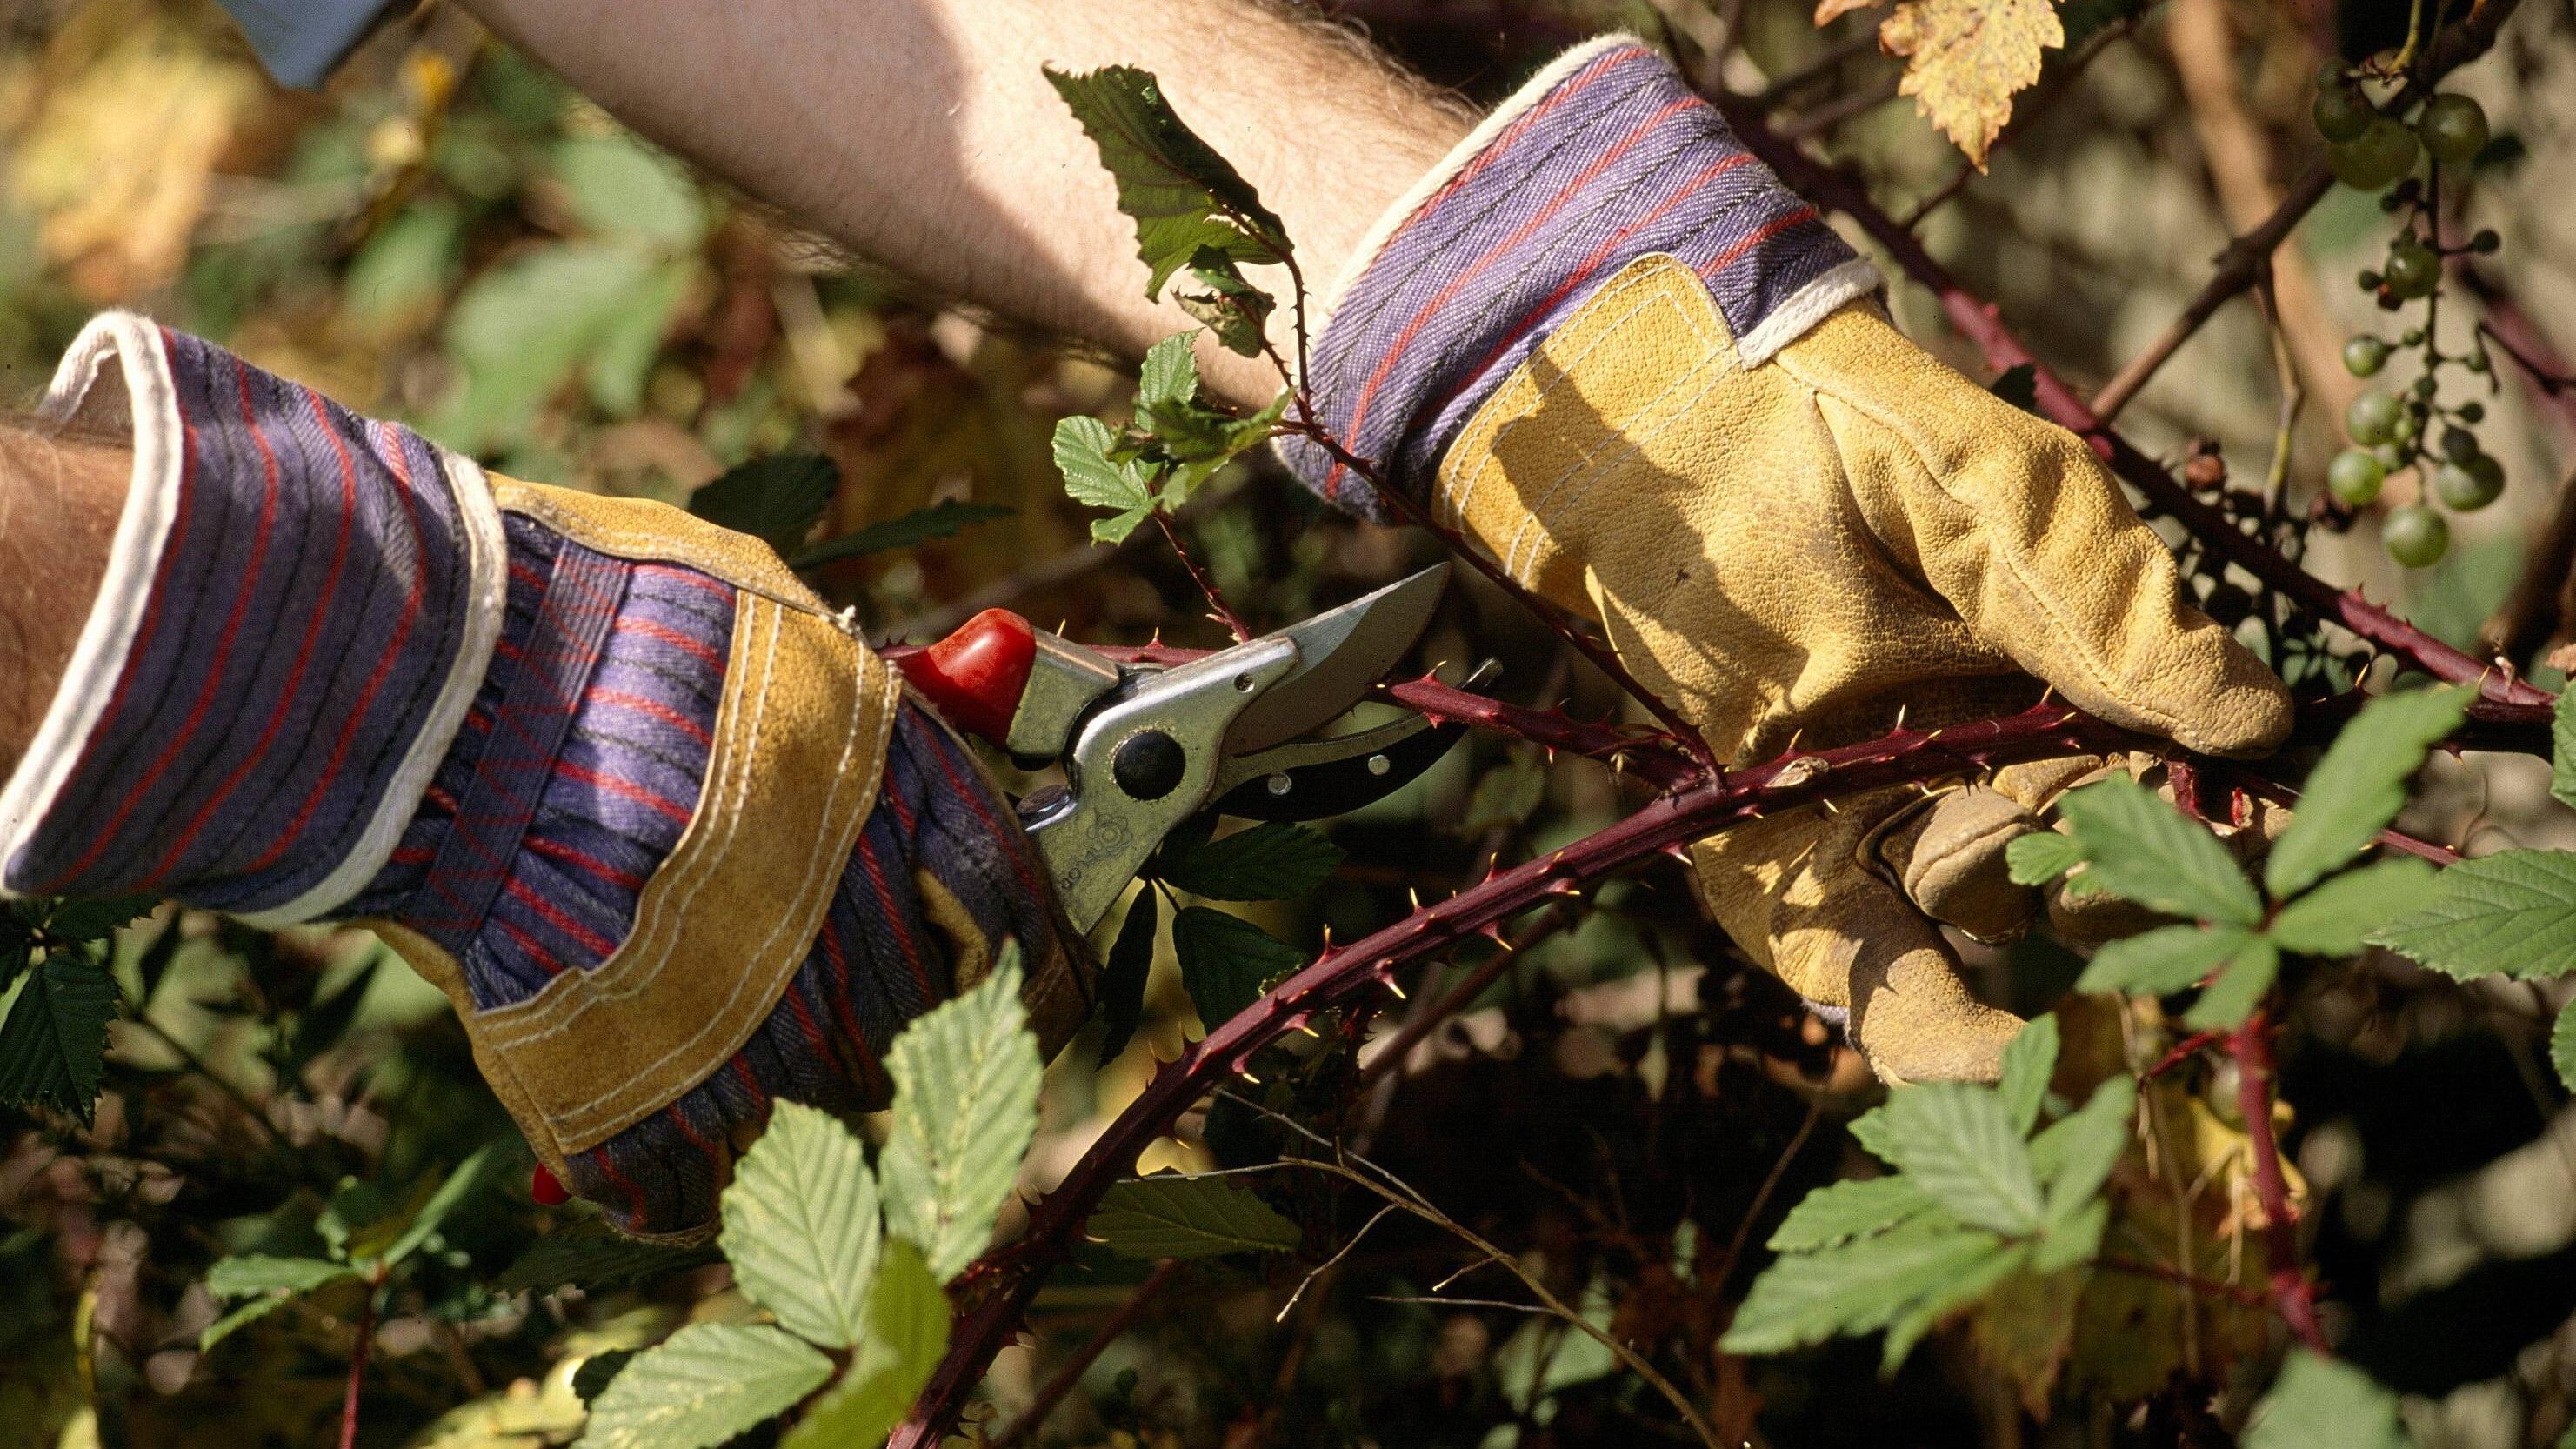 Brombeersträucher liefern leckere Früchte, wuchern aber schnell und haben Dornen